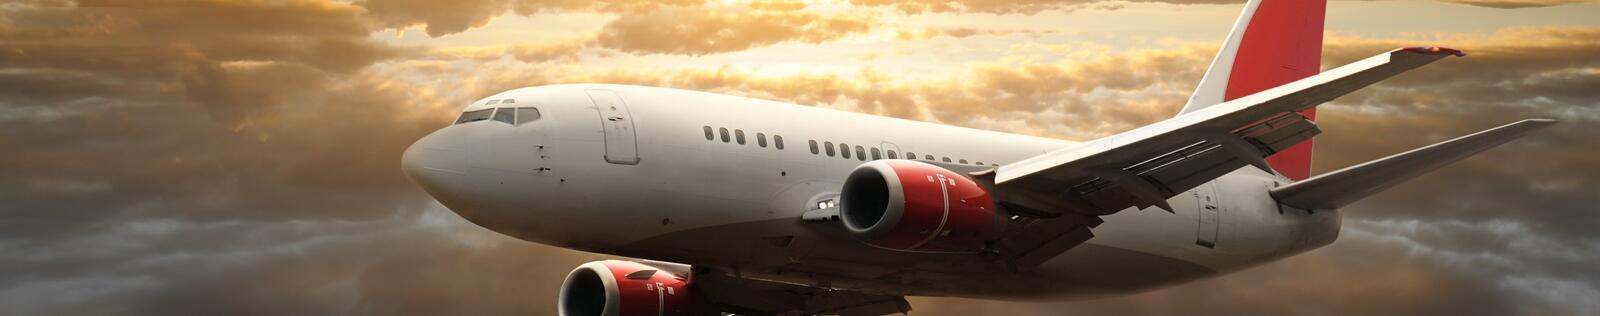 Offerta Airet: salone dell'eccellenza aeronautica